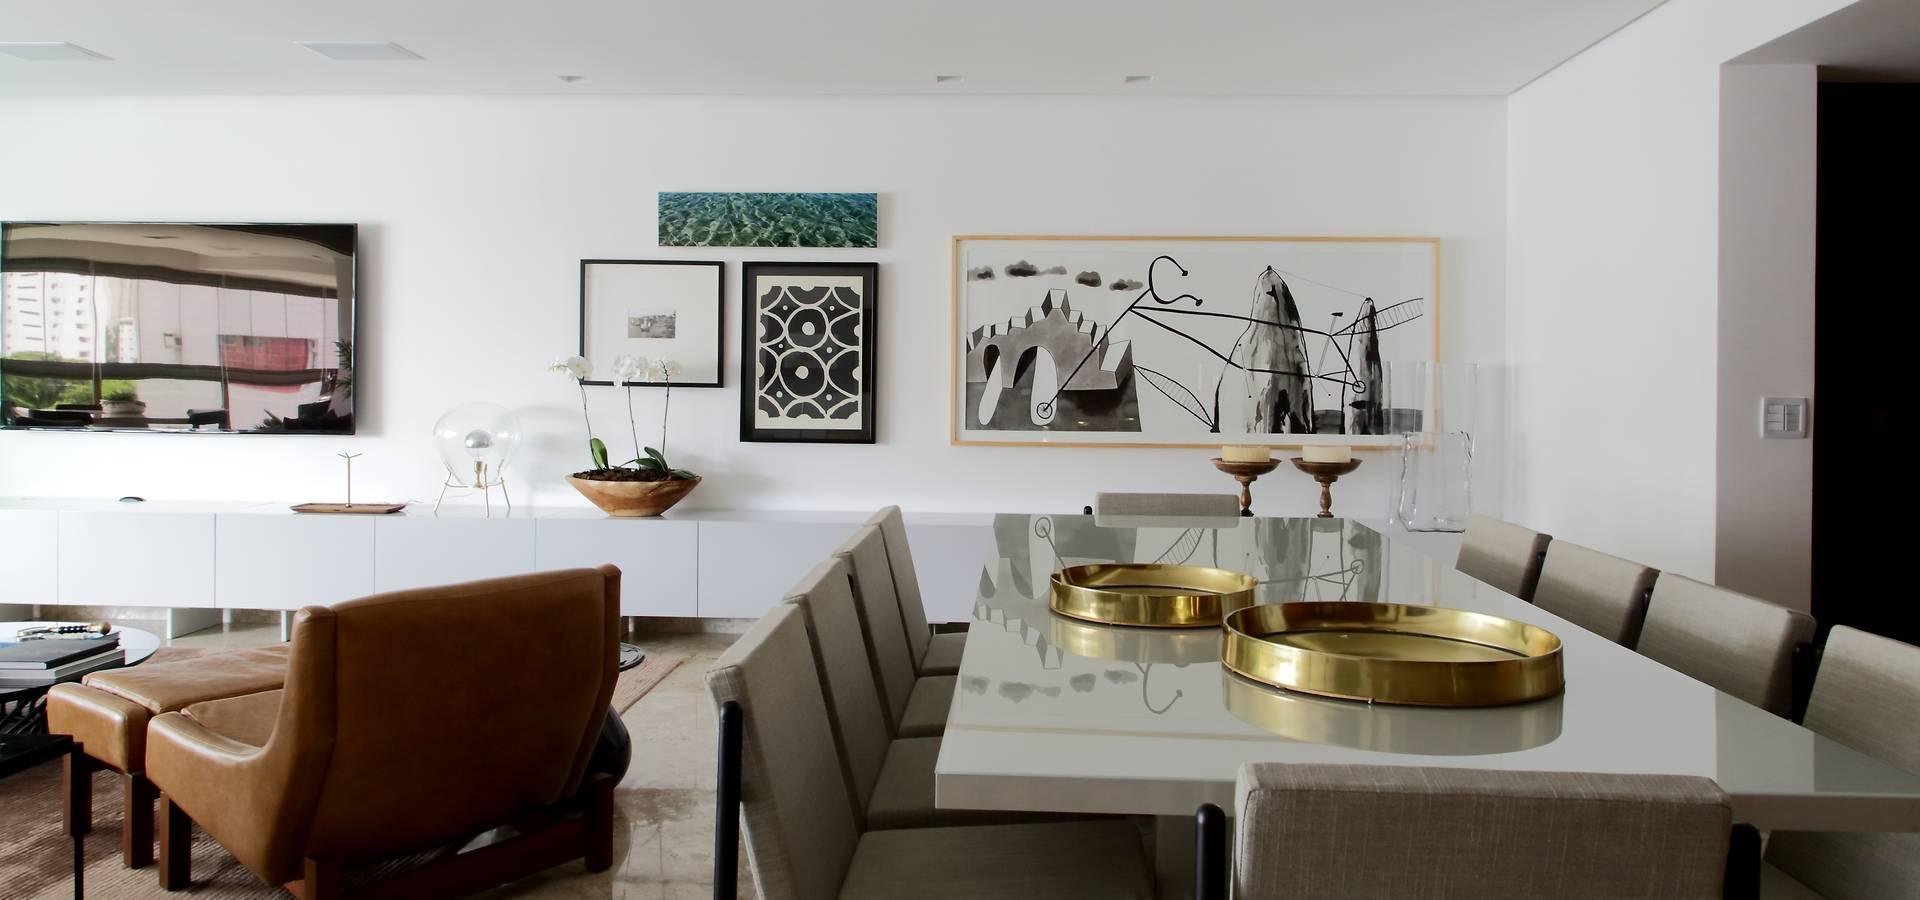 Sala De Estar Tv E Jantar Por Arquitetaspe Homify -> Sala De Tv Estar